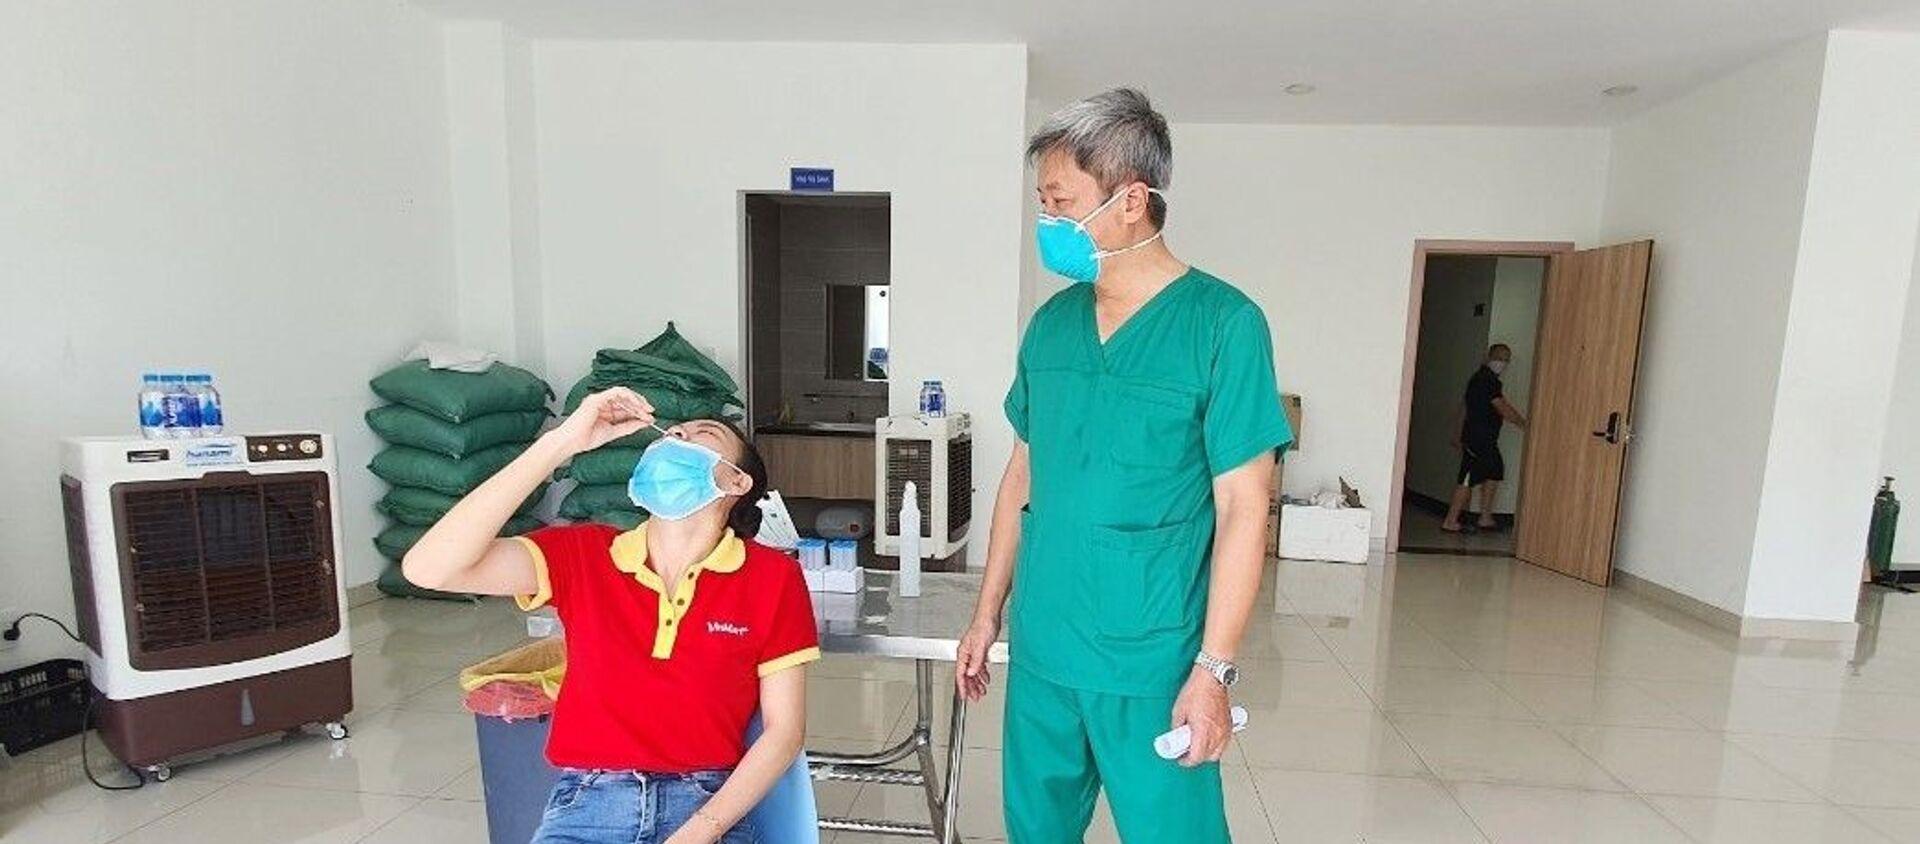 Thứ trưởng Bộ Y tế Nguyễn Trường Sơn quan sát việc hướng dẫn người dân tự xét nghiệm nhanh tại nhà. - Sputnik Việt Nam, 1920, 05.09.2021